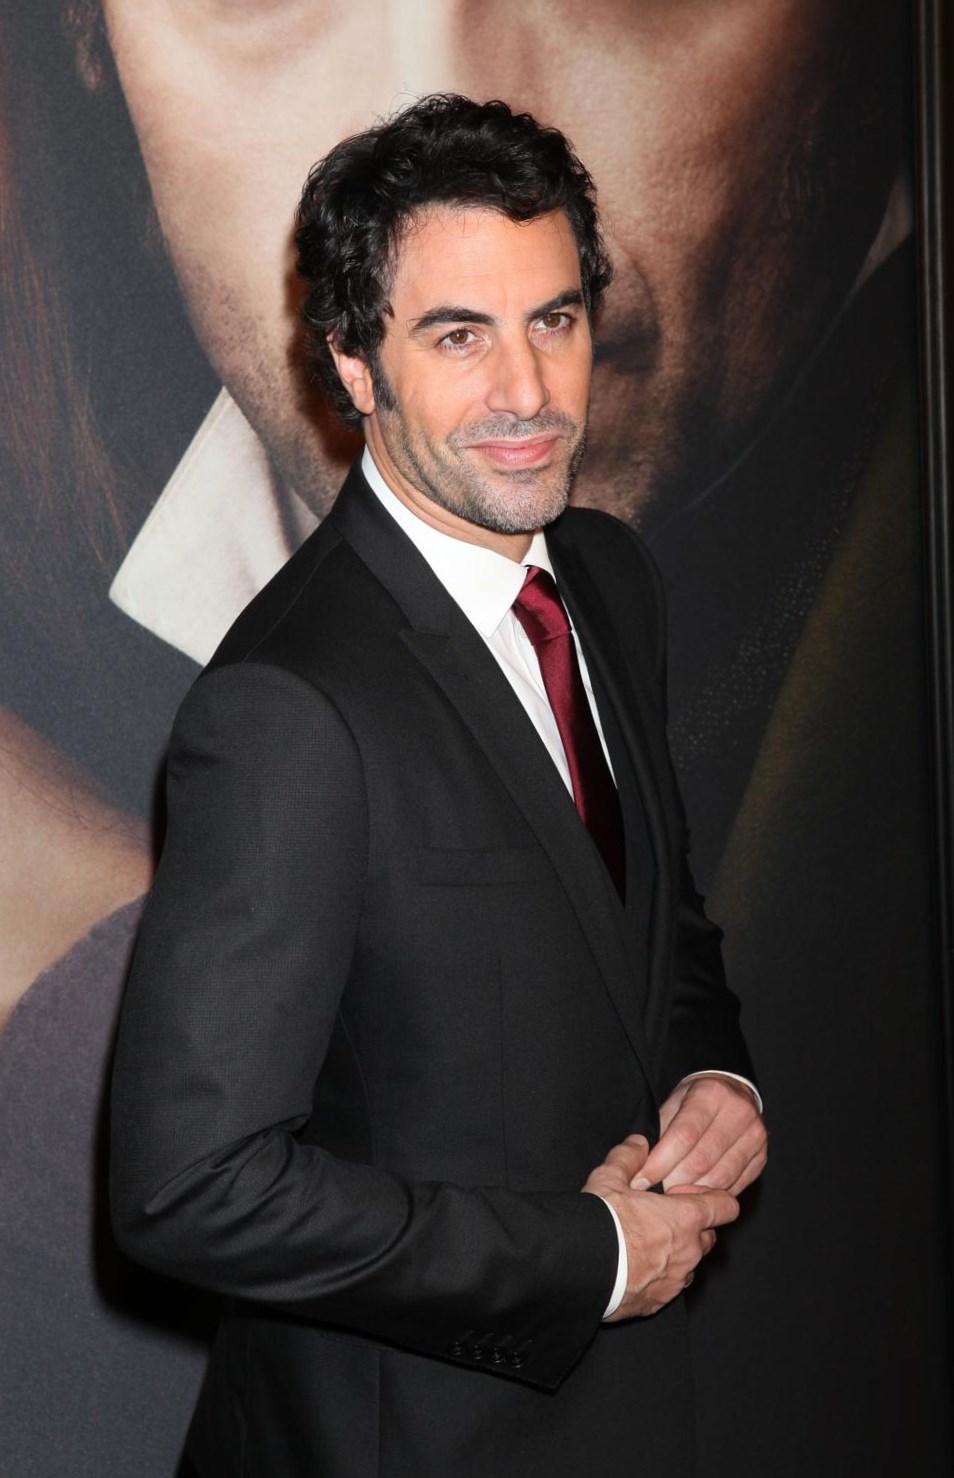 Sacha Noam Baron Cohen Net Worth - Salary, House, CarSacha Baron Cohen Wiki